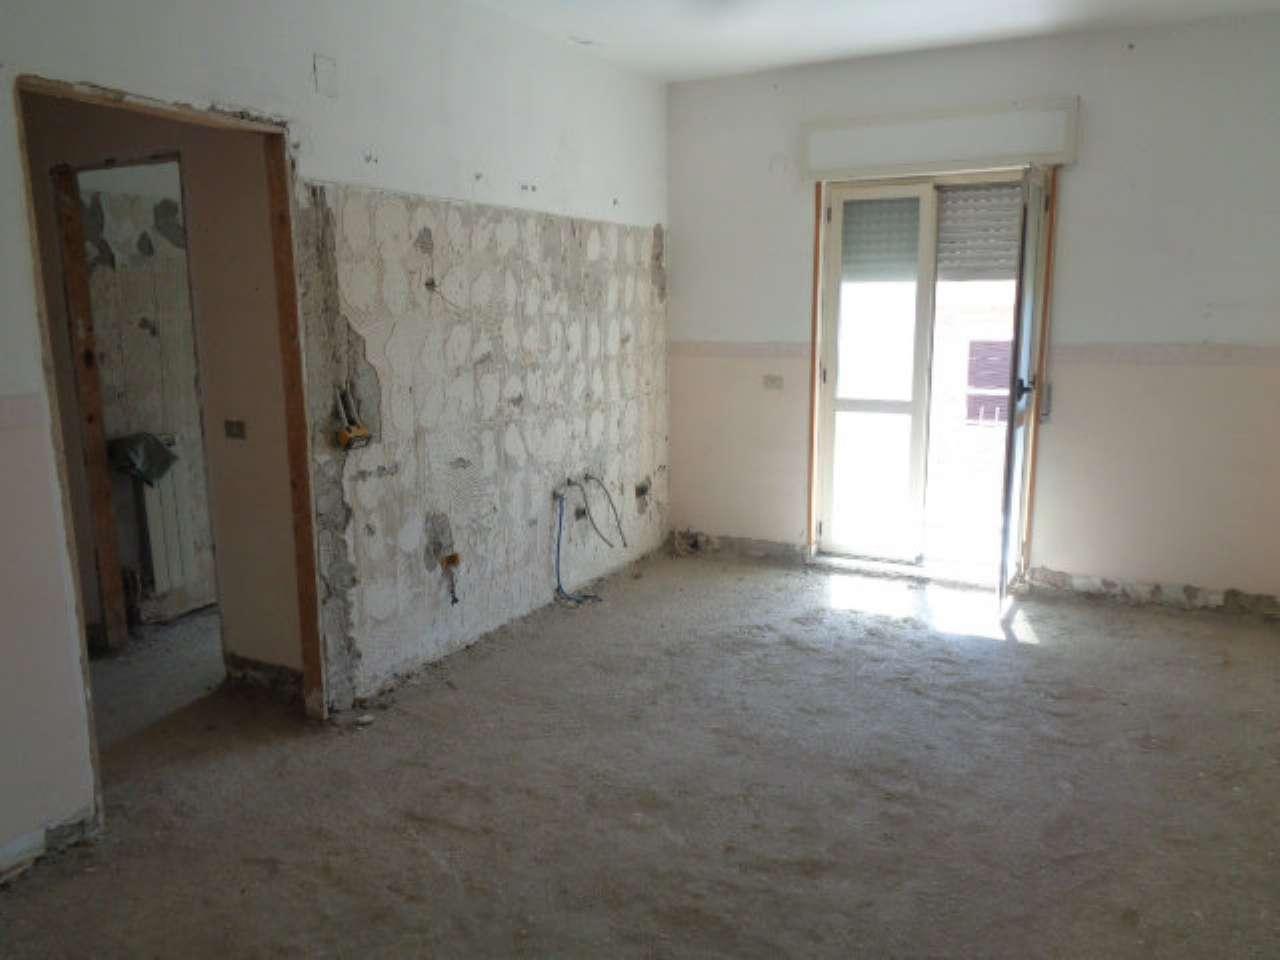 Appartamento in vendita a Marano di Napoli, 3 locali, prezzo € 69.000 | CambioCasa.it